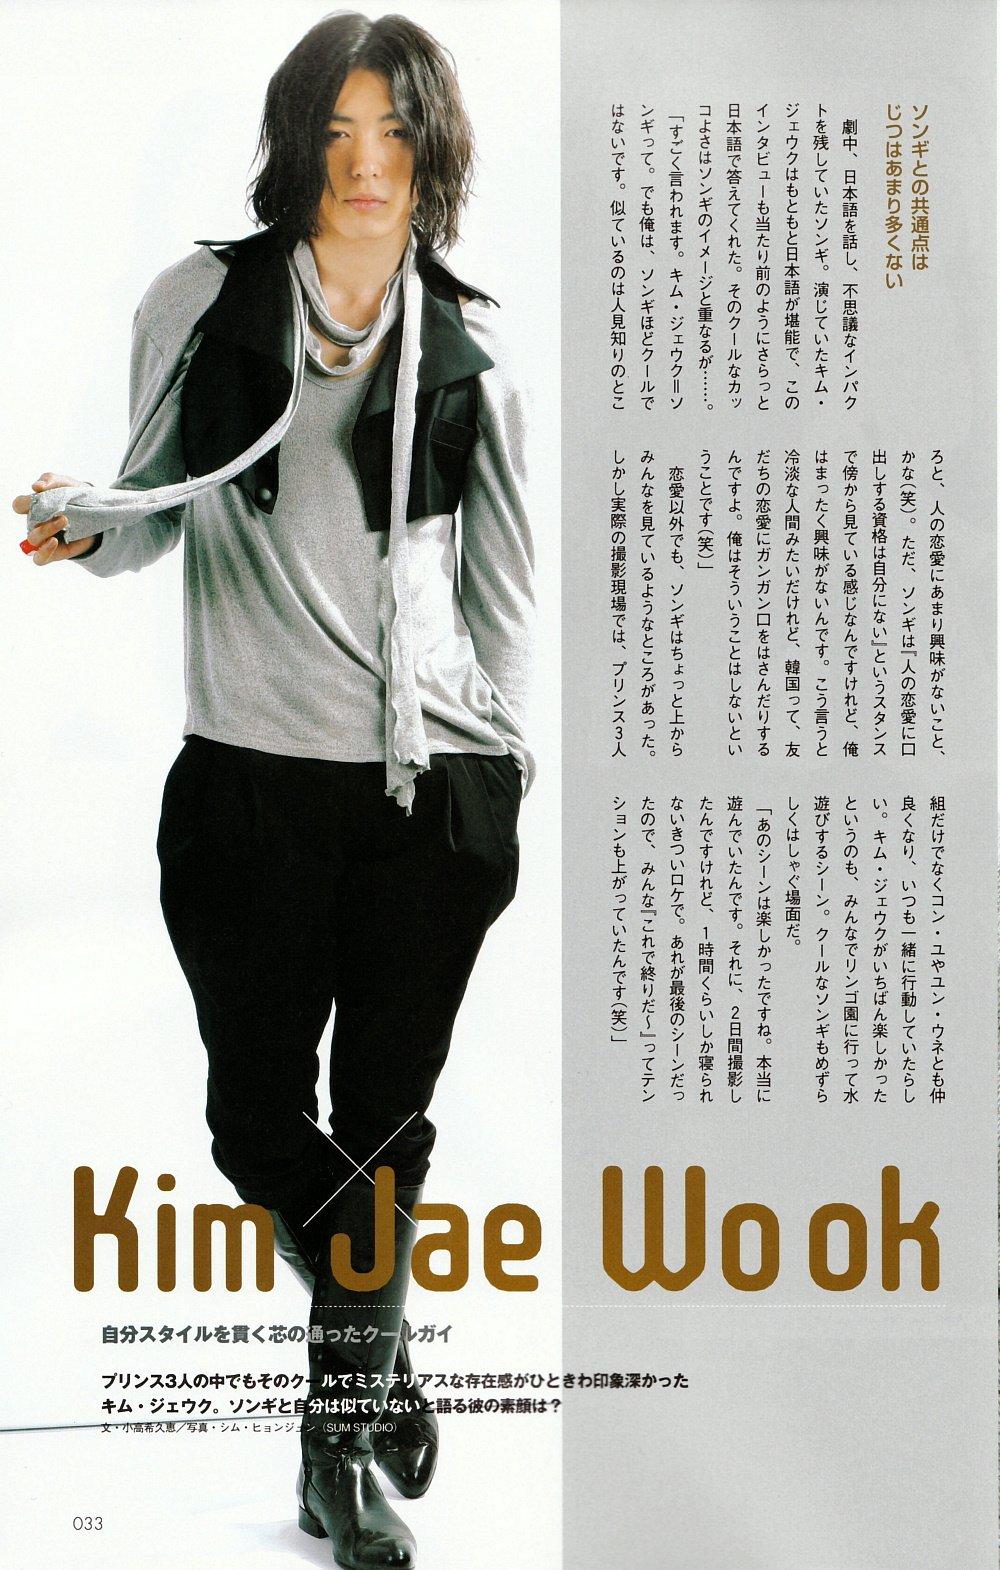 http://livedoor.2.blogimg.jp/oranjyu/imgs/a/1/a1acd567.JPG